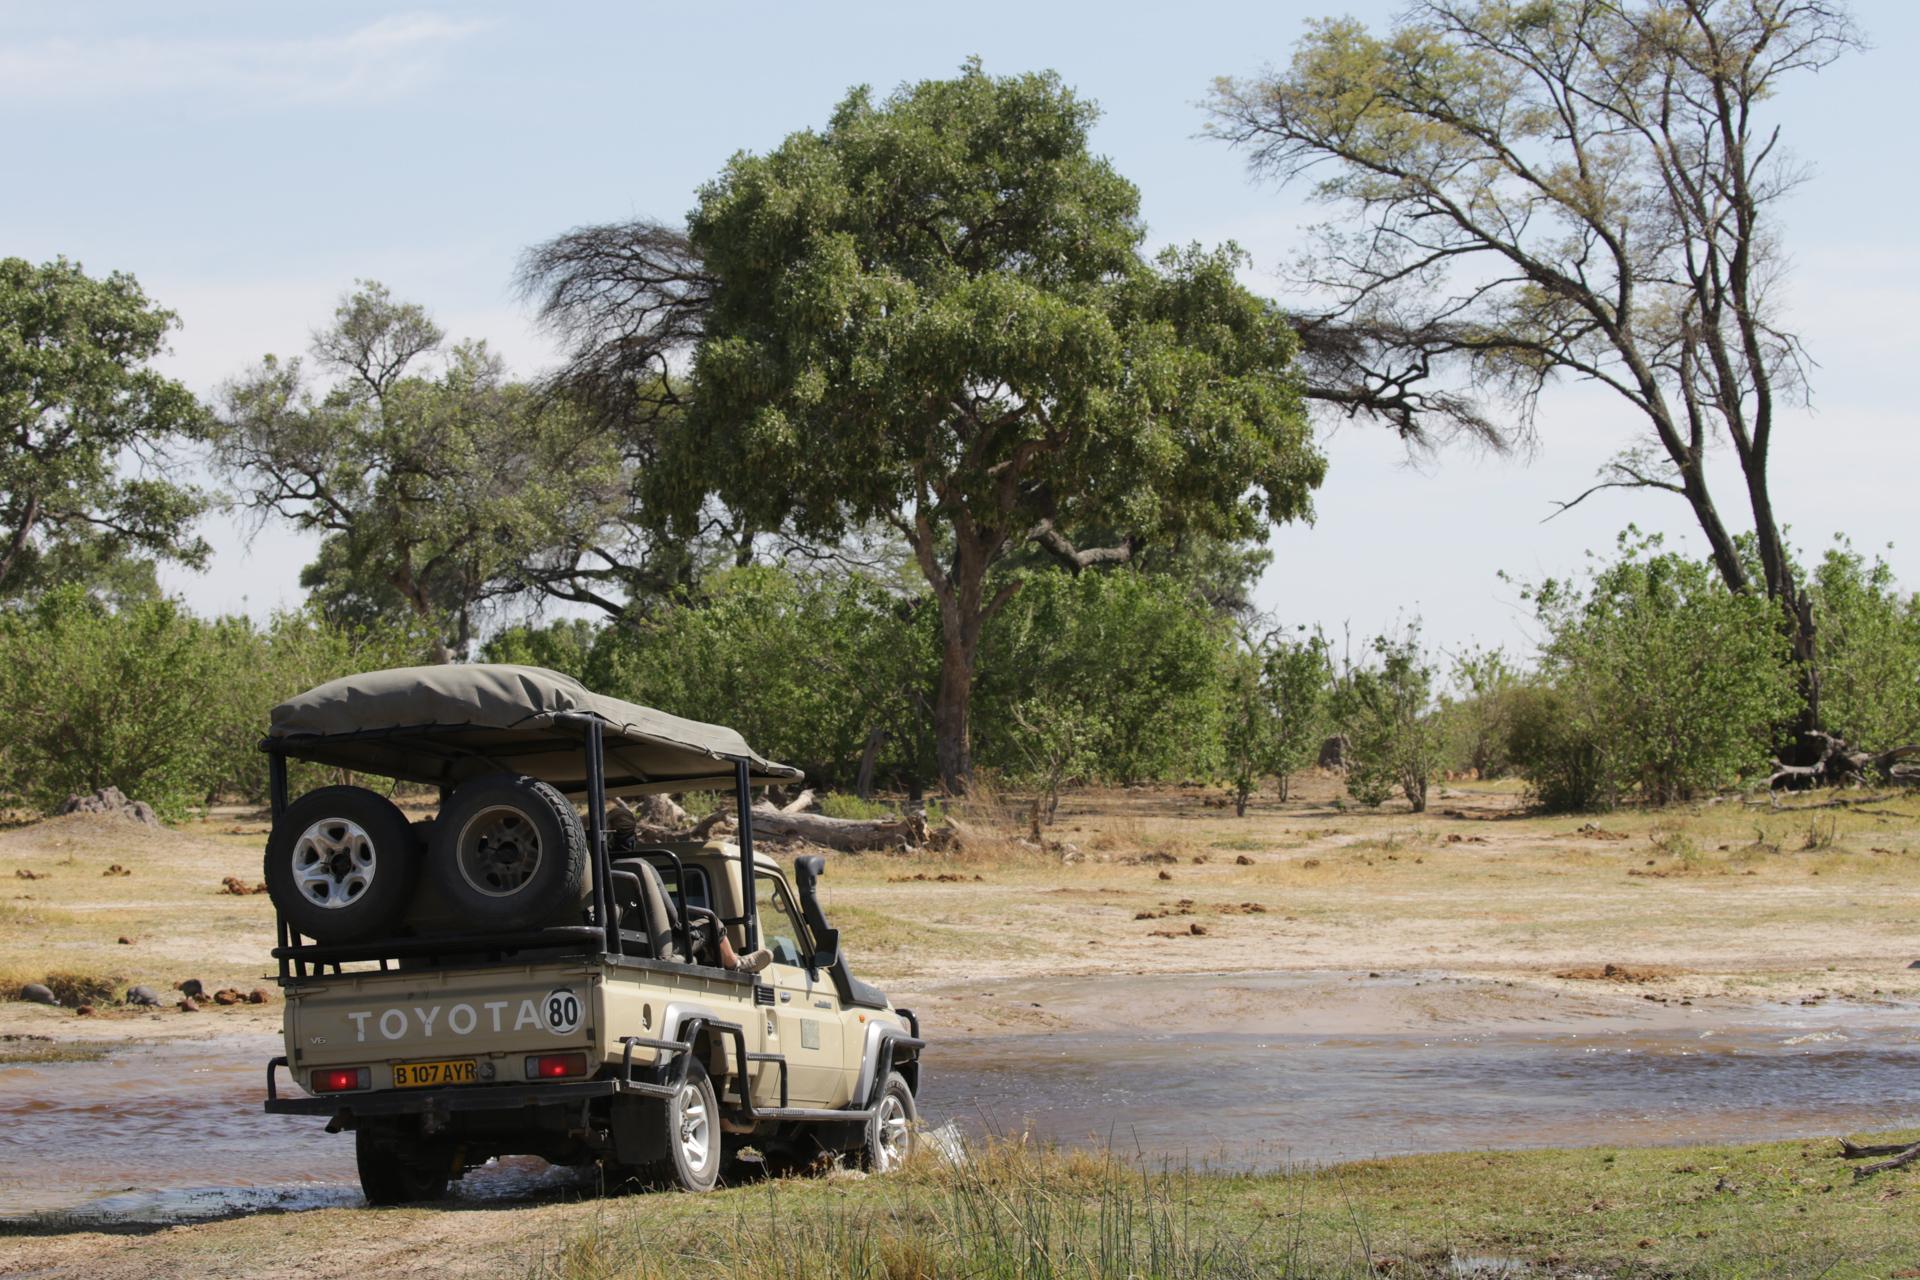 Vehicule Safari Chobe Botswana